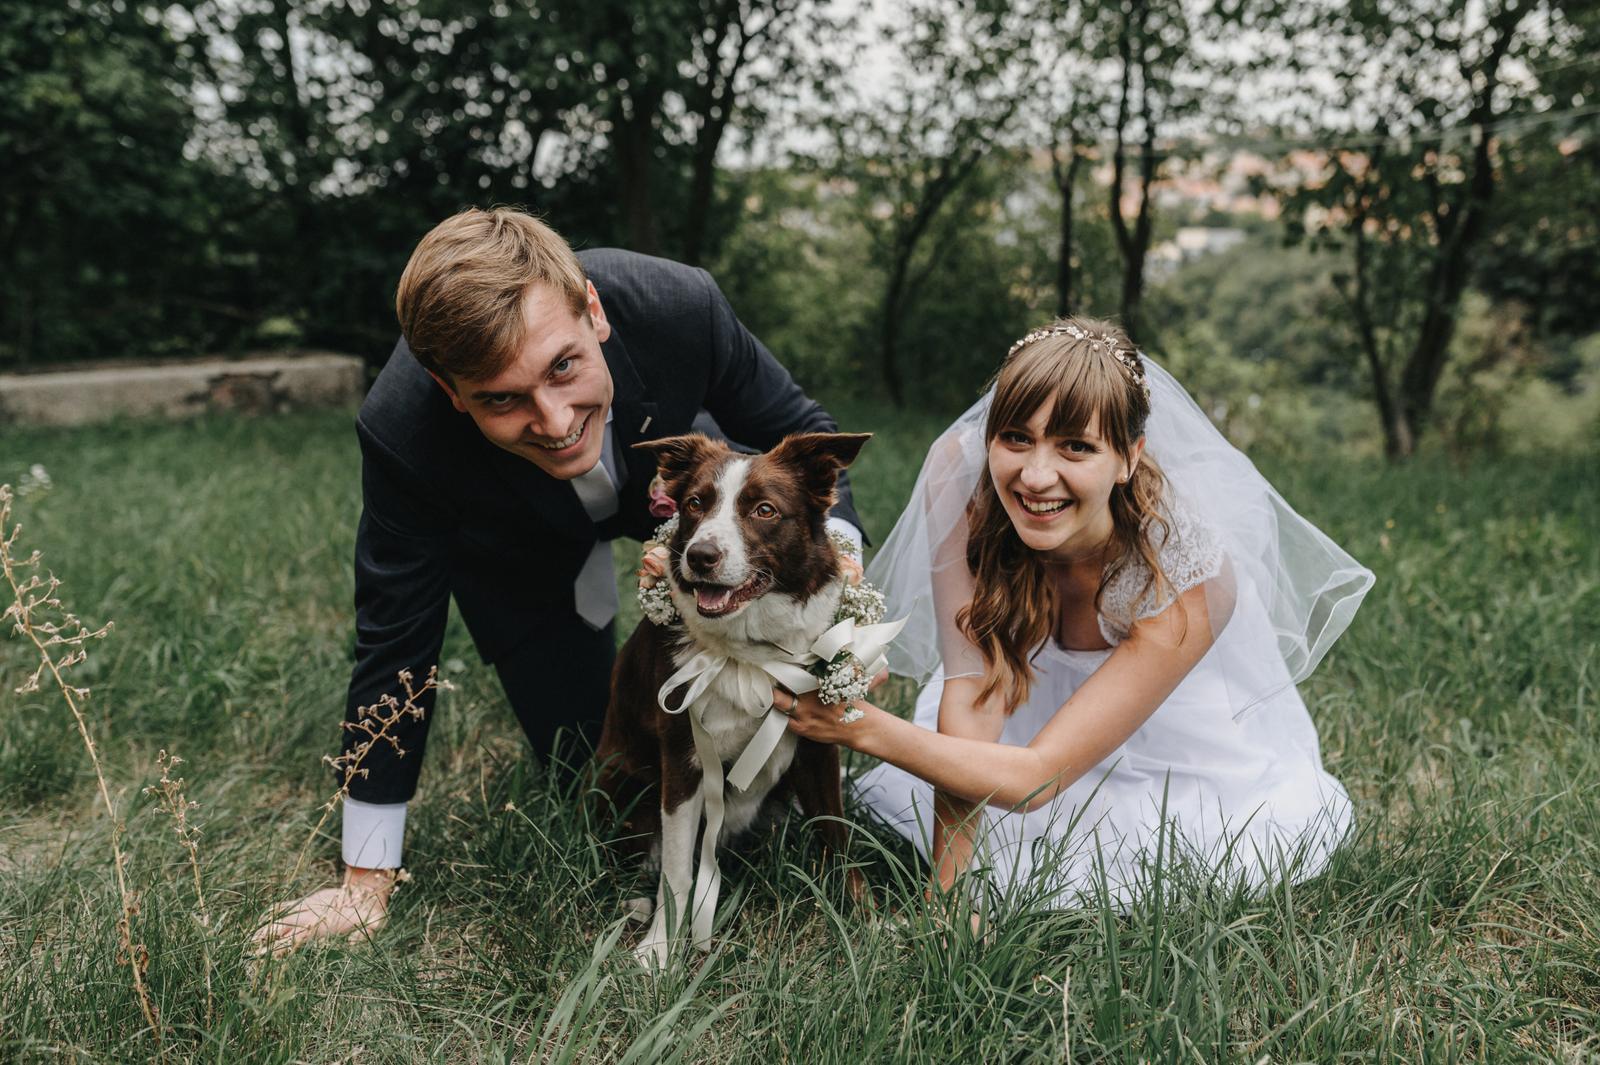 Naši fotografové - Štěpán & Terka (fotil Dan)